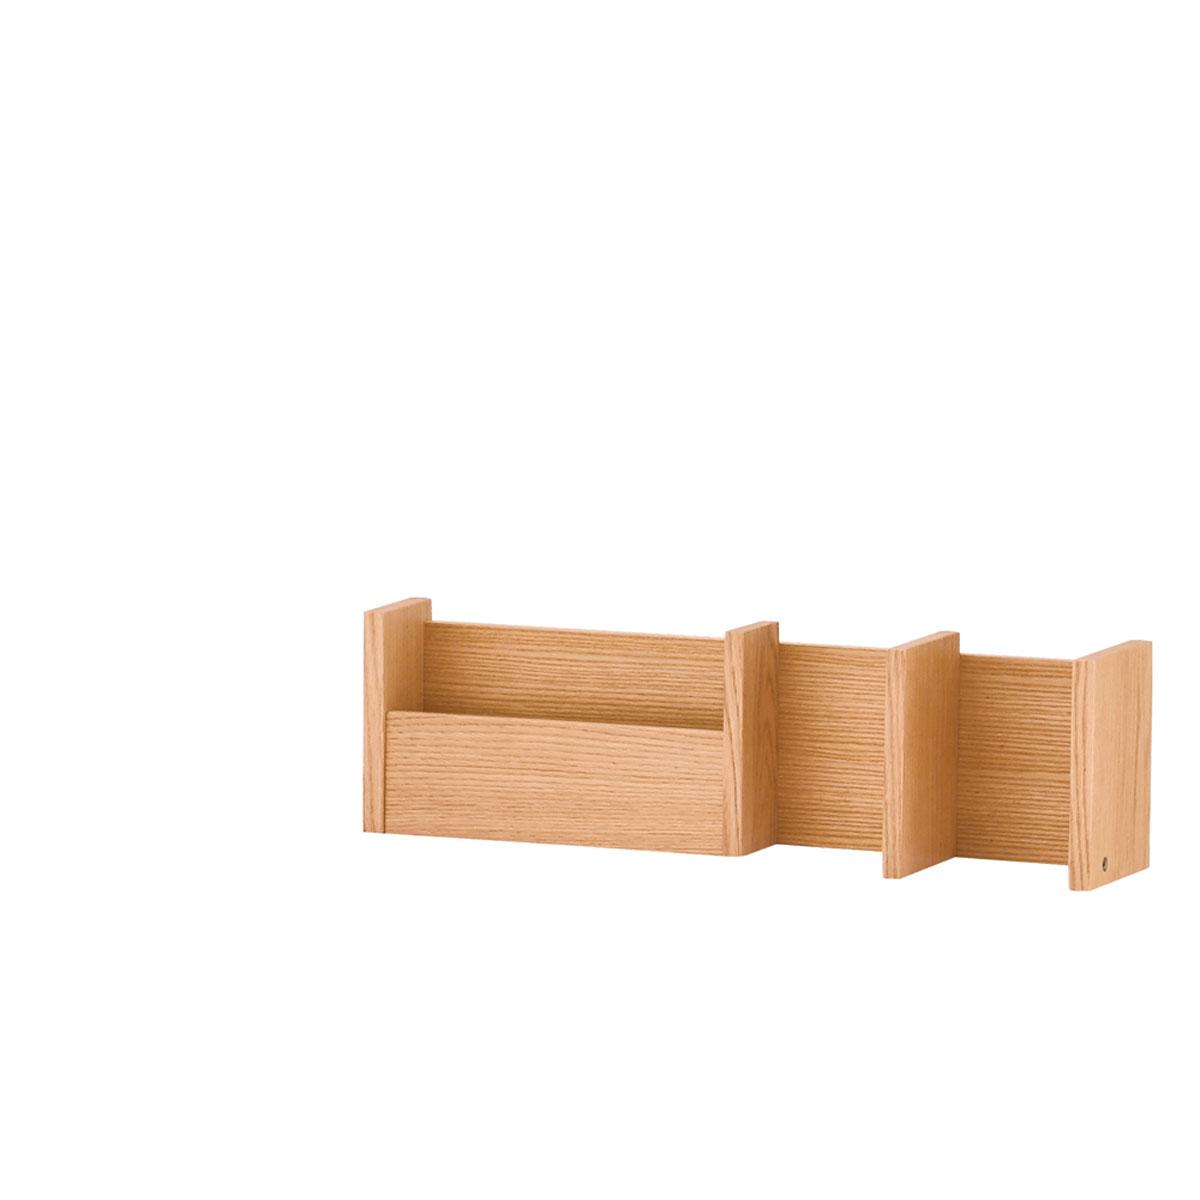 イトーキ スクリプト 上棚 幅70×奥行16×高さ18cm トラッドナチュラル SC-S07-0TN